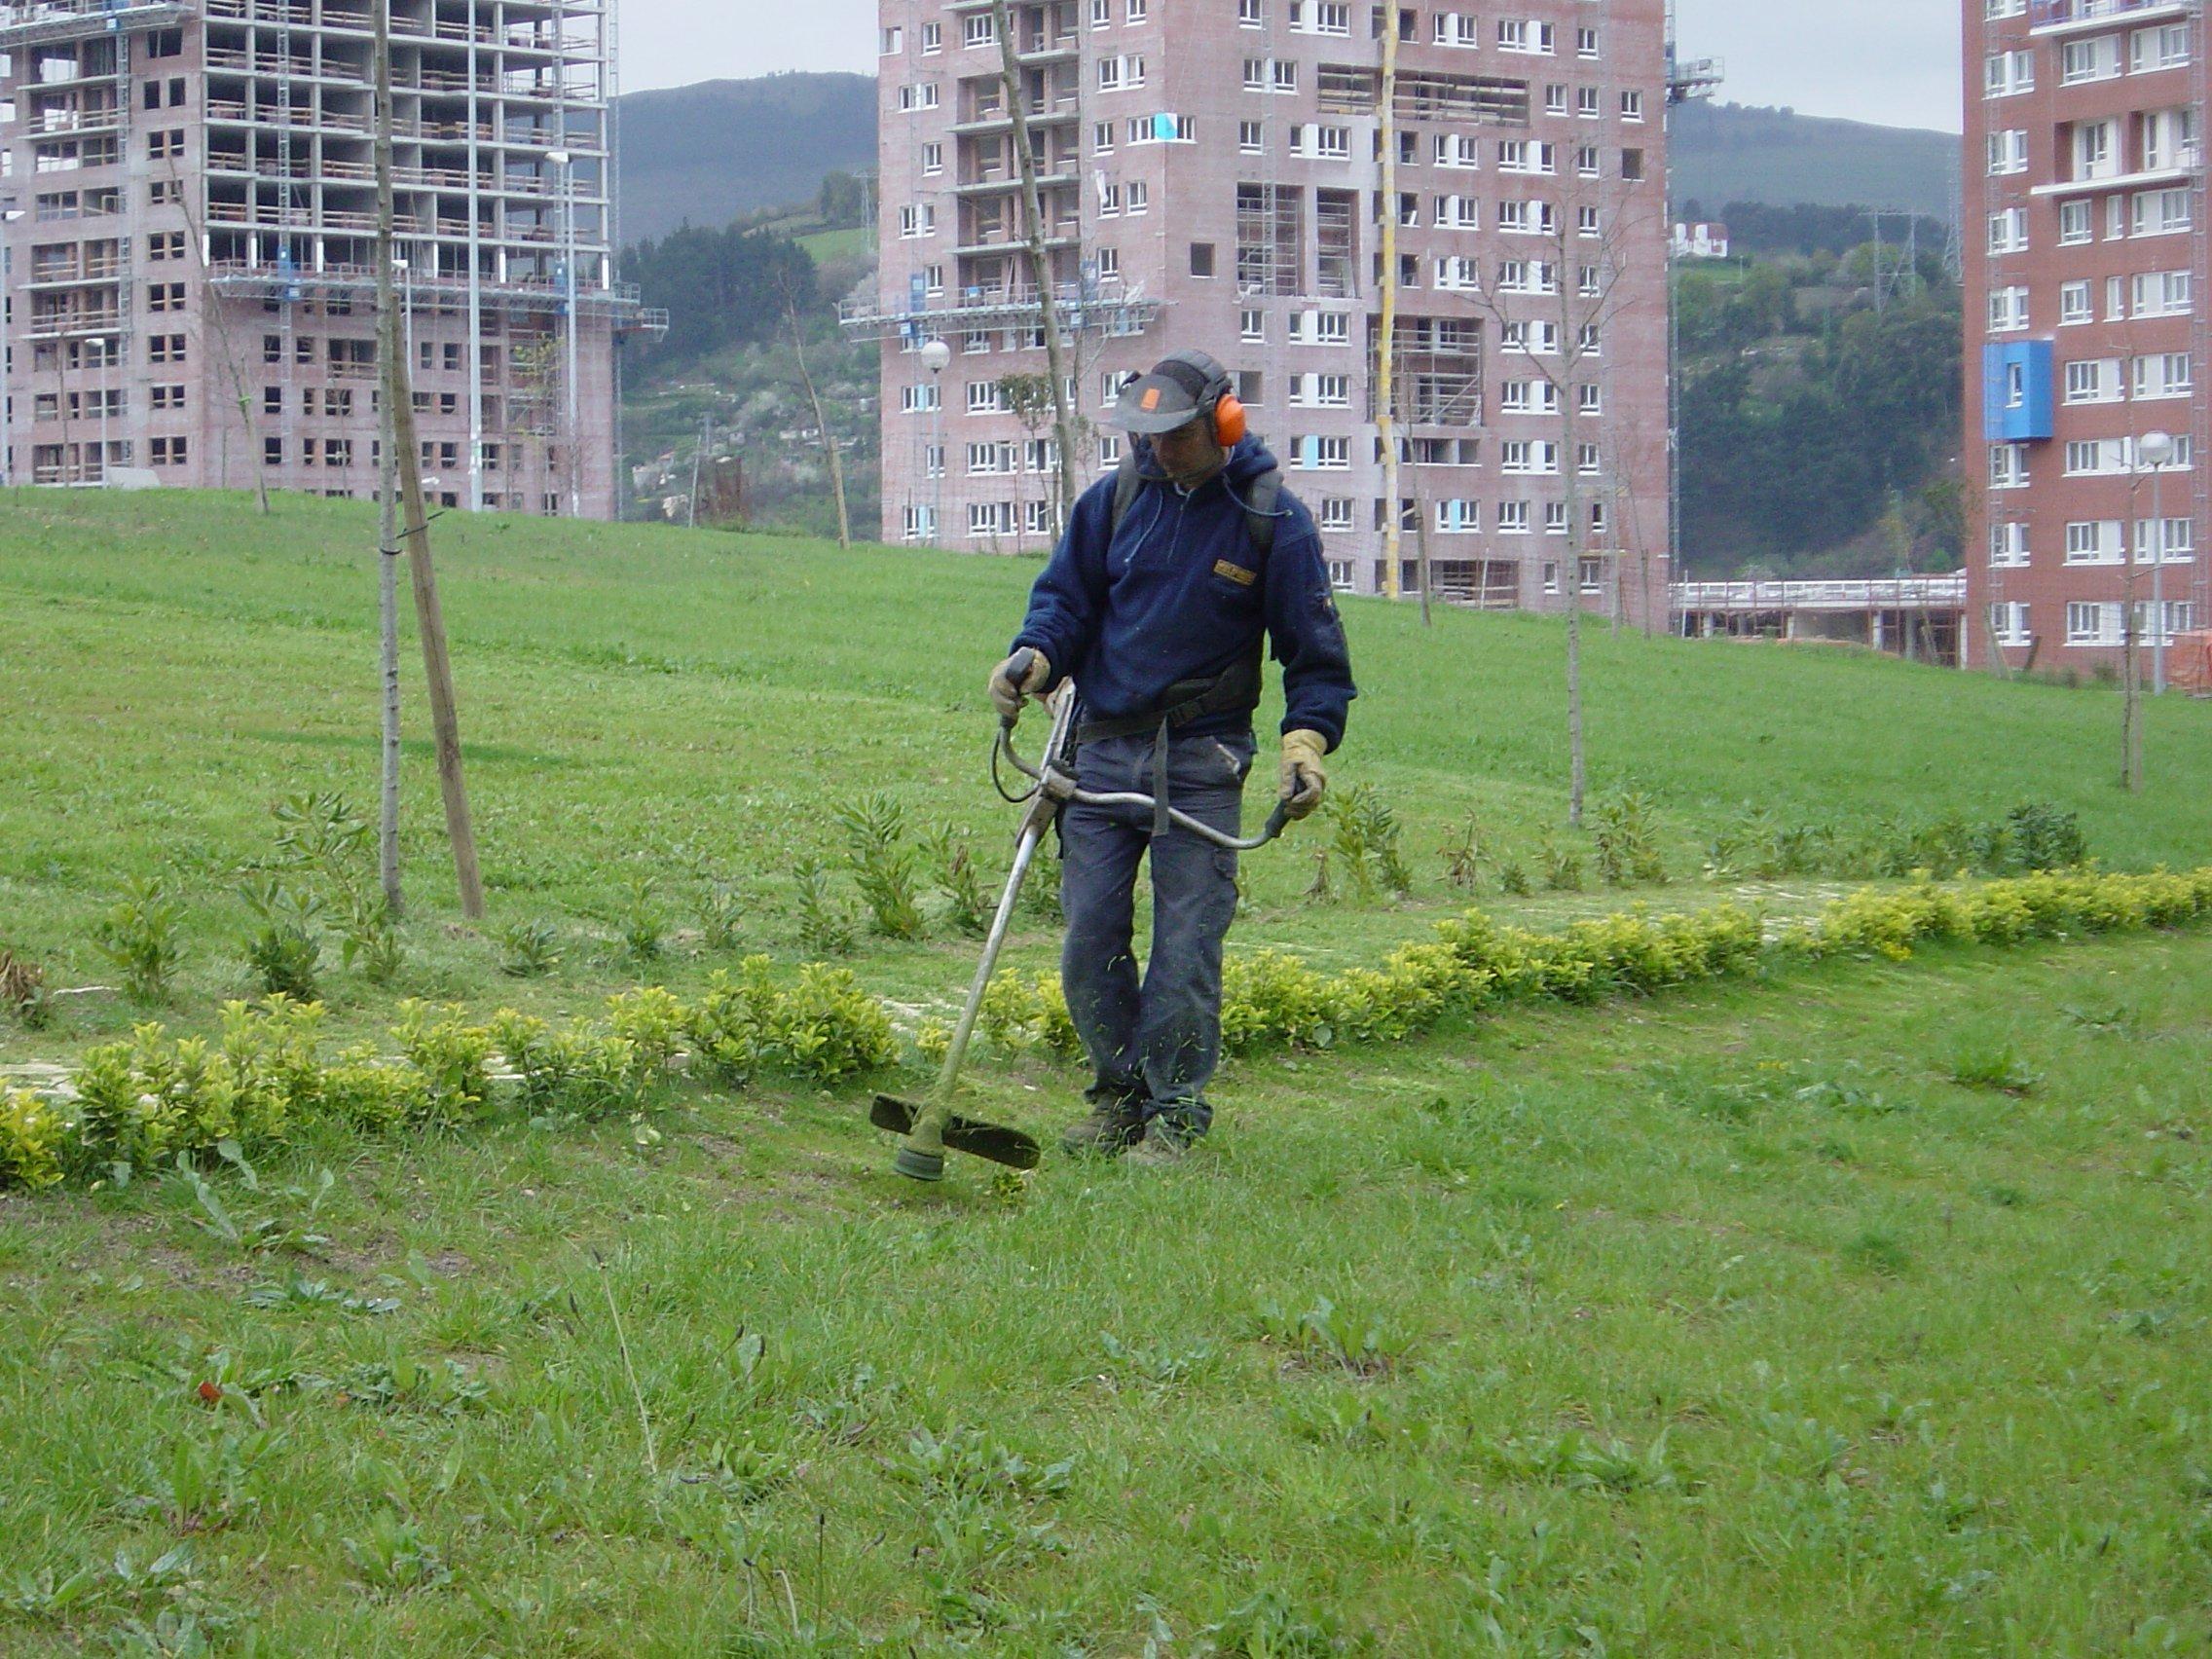 Mantenimiento de jardines en bizkaia y alrededores enara for Mantenimiento de jardines